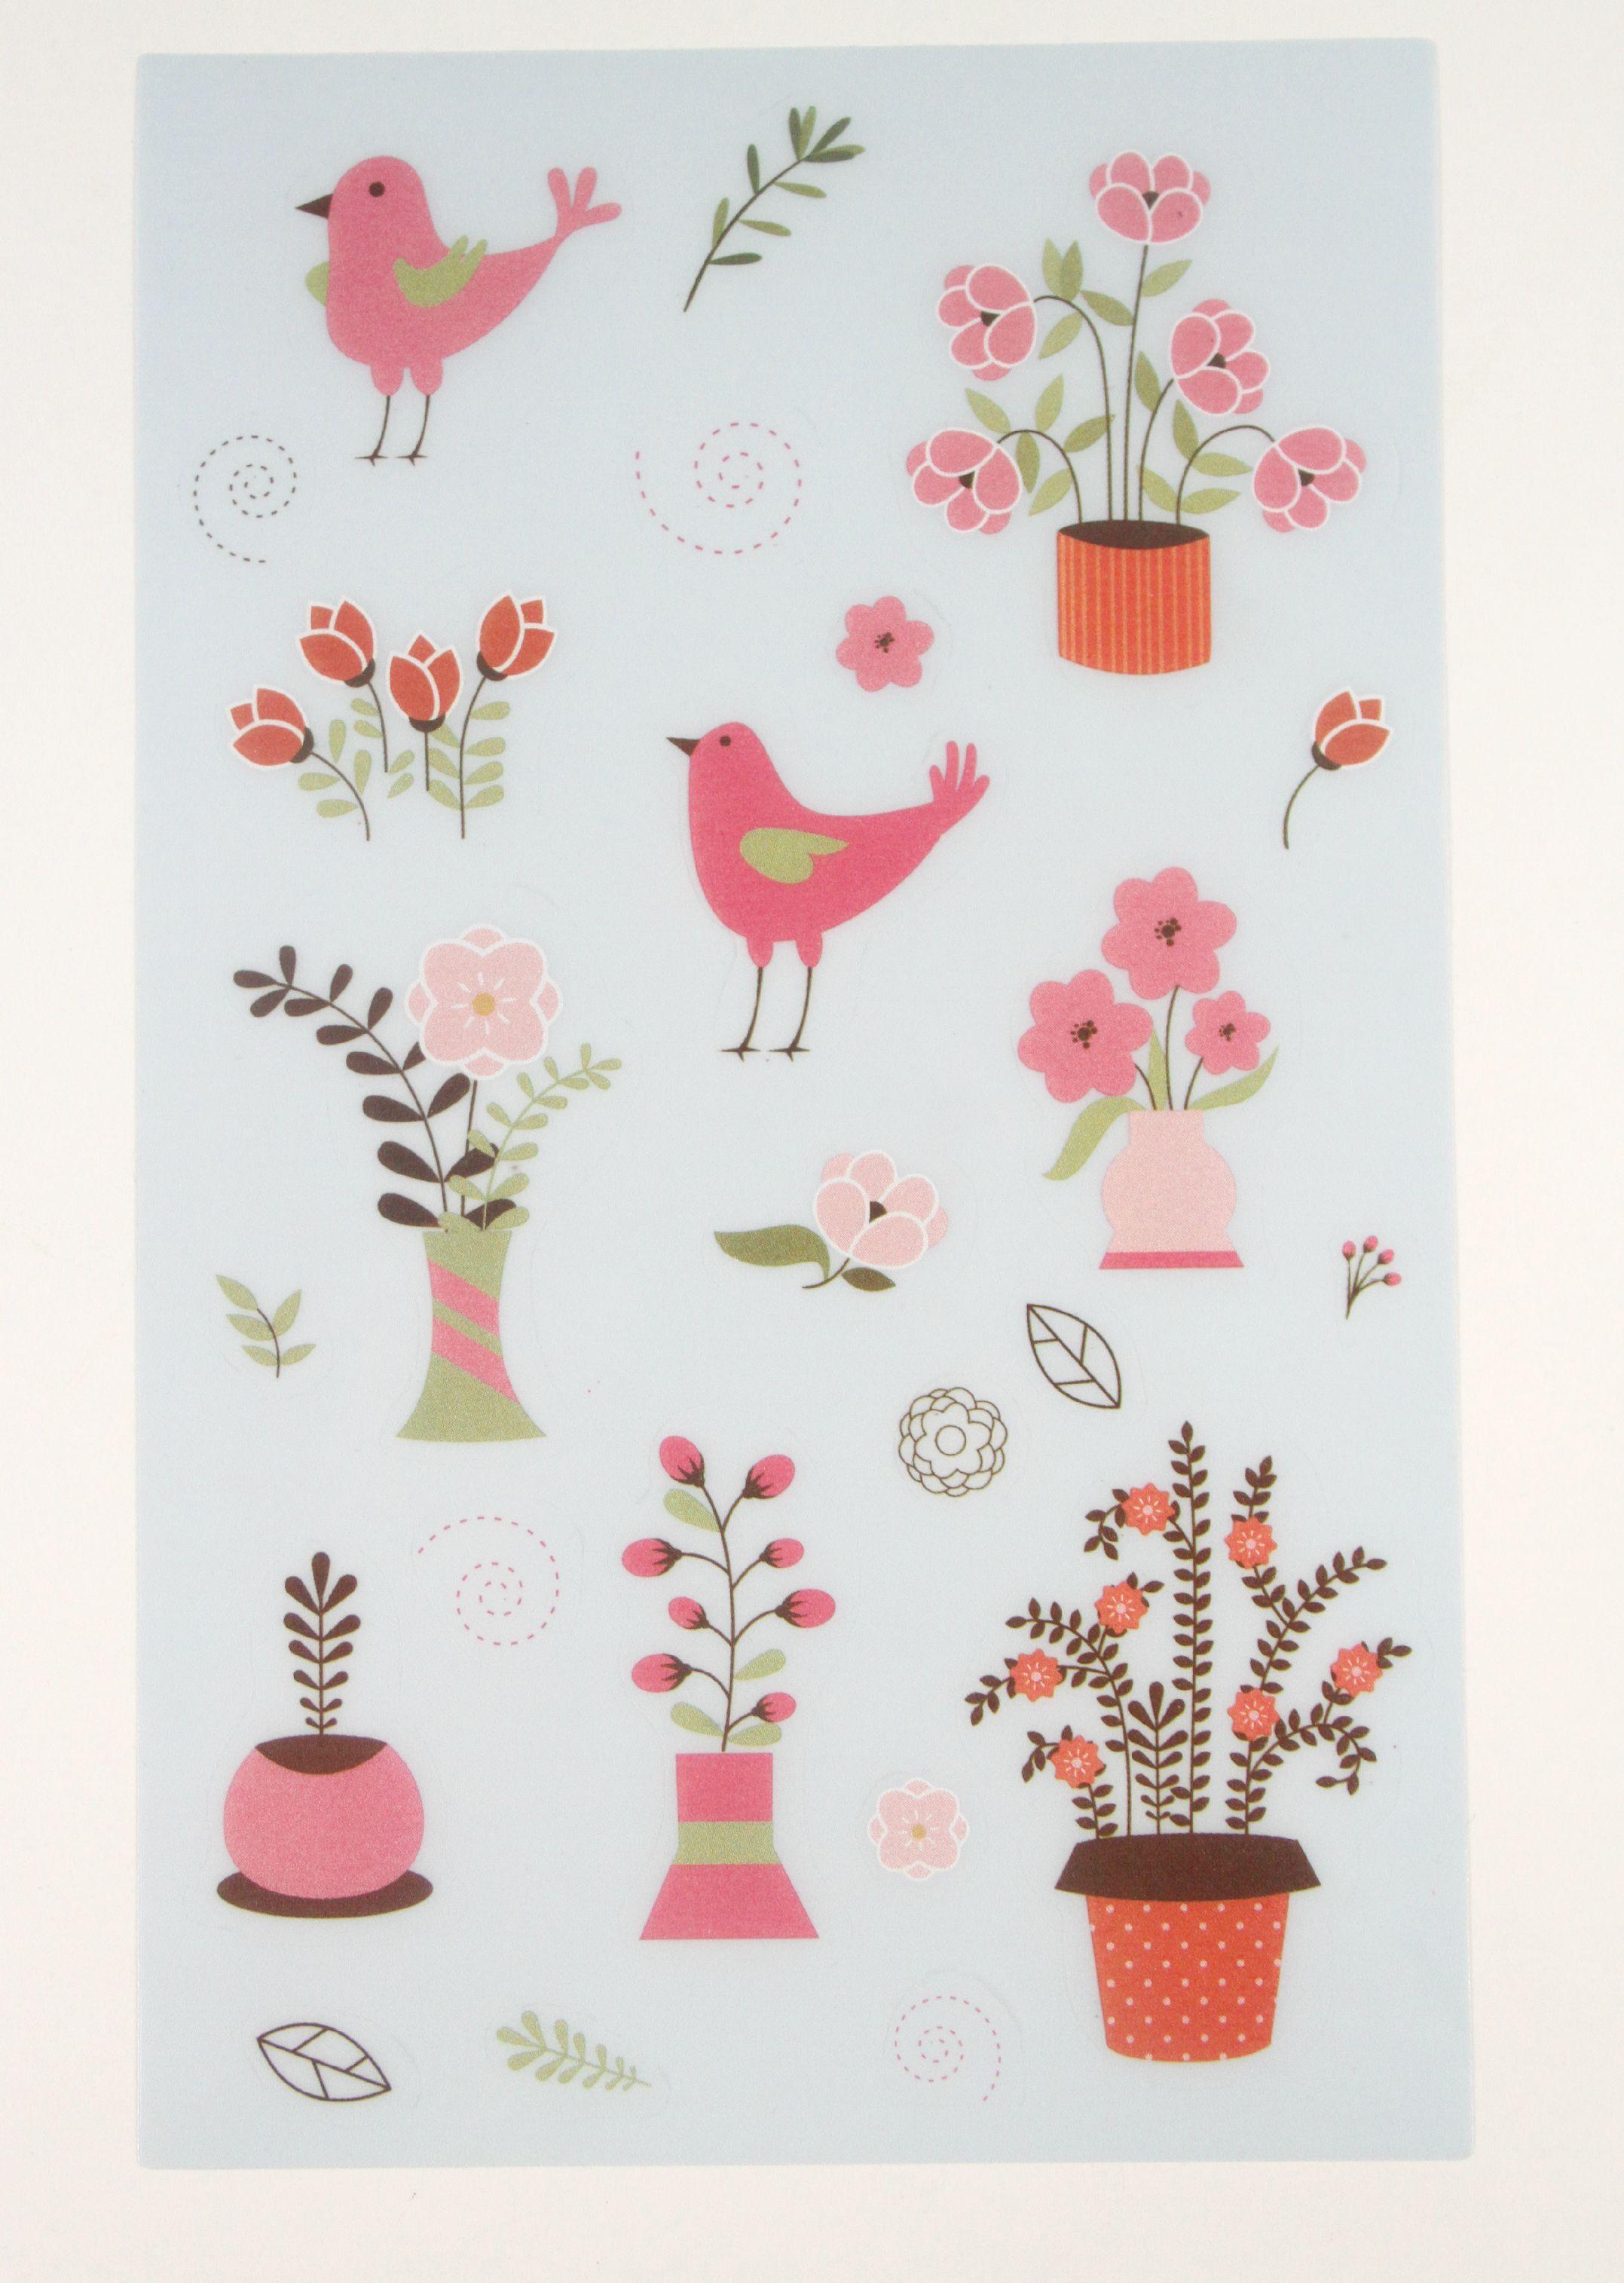 Flower and Garden Stickers: